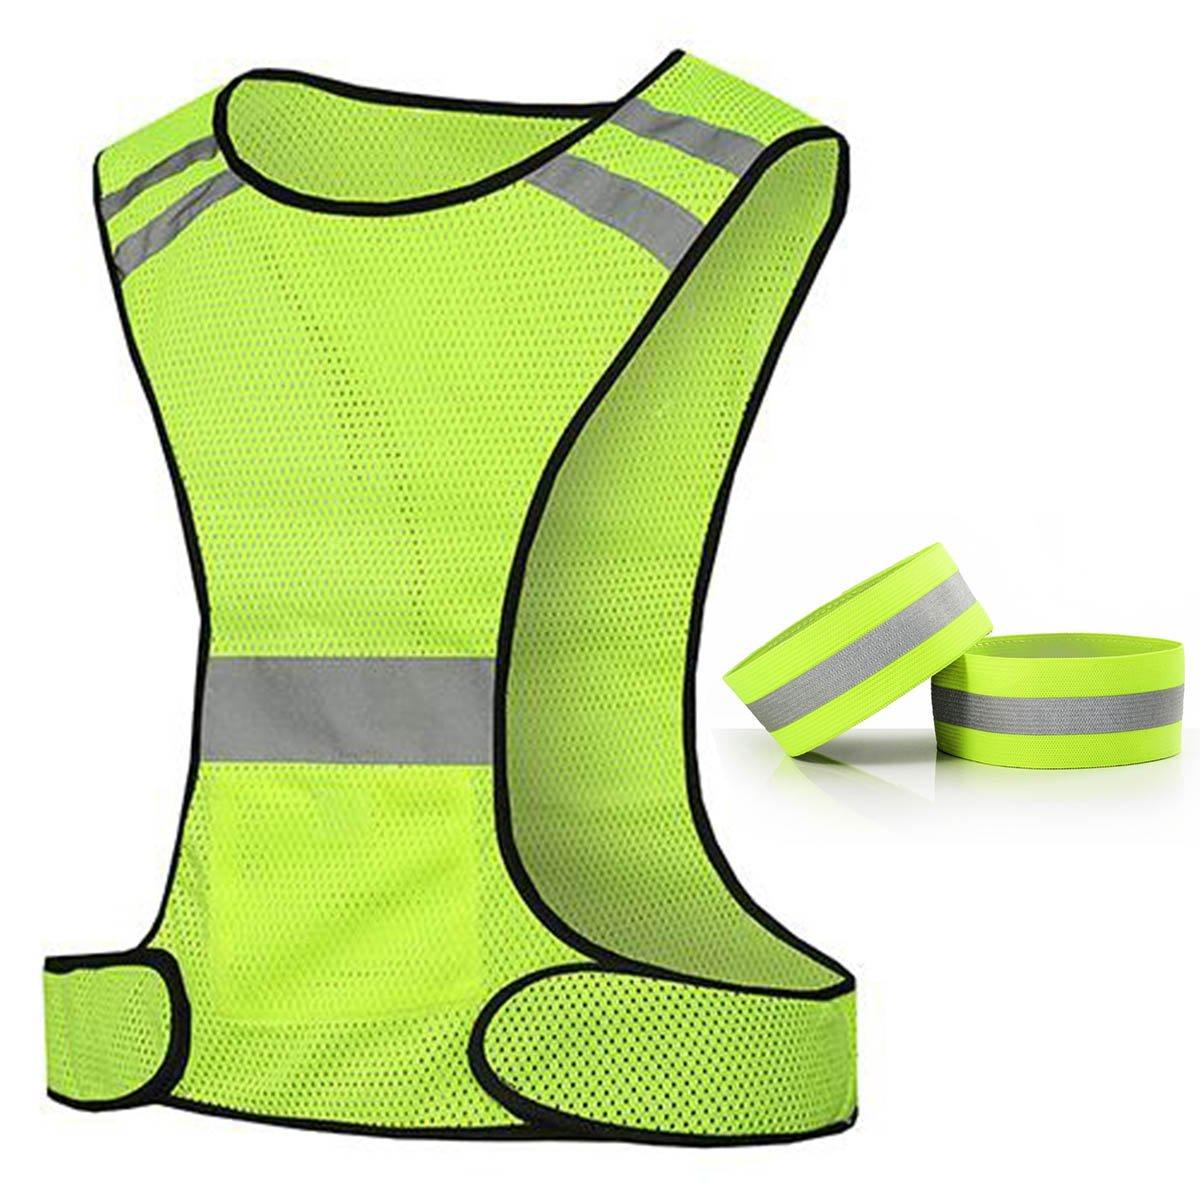 Hohe Sichtbarkeit Reflektierende Weste für Laufen oder Radfahren mit Tasche, Gear für Joggen, Radfahren, Motorrad, Walking